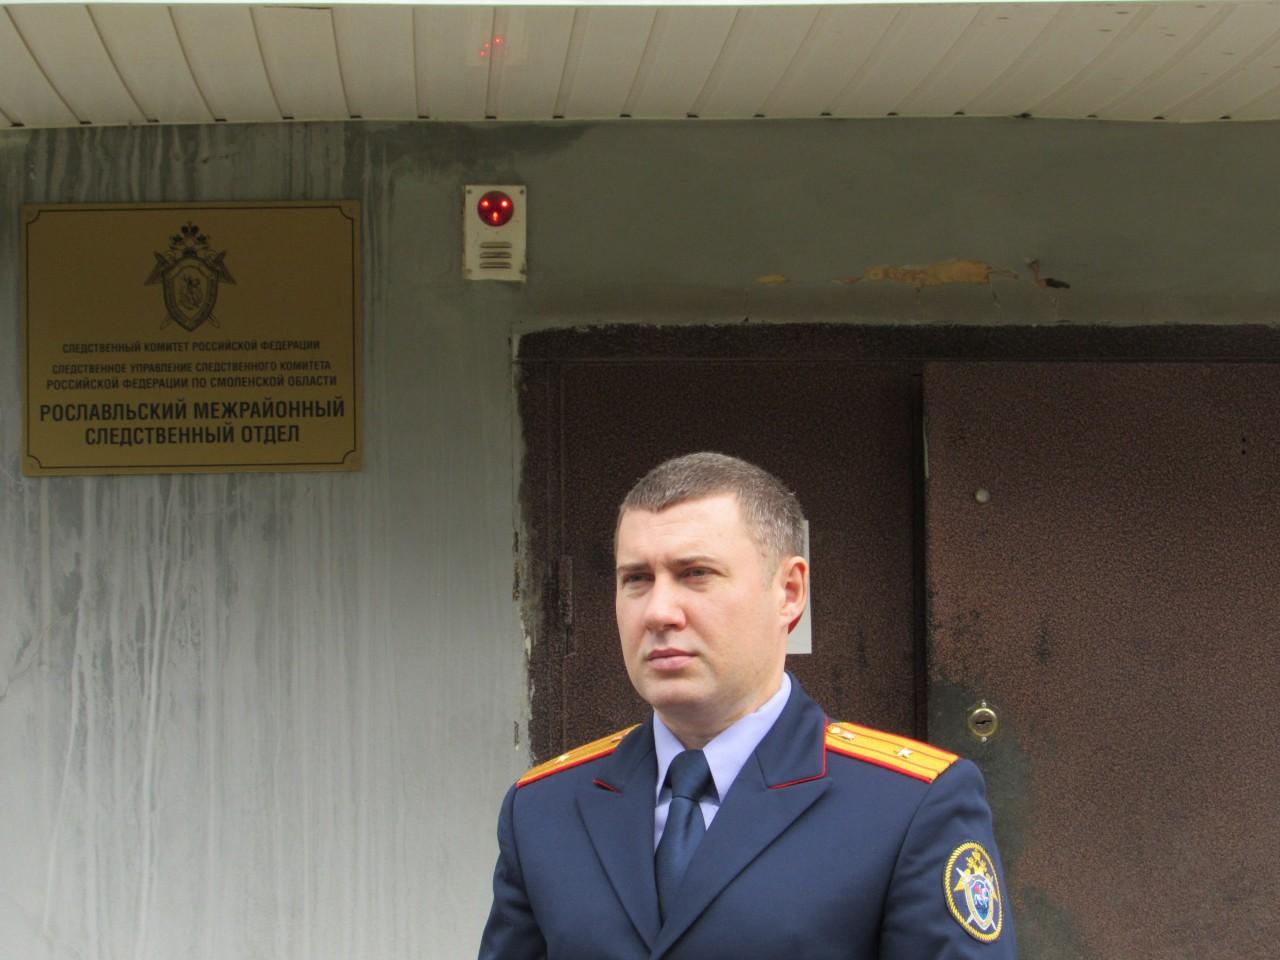 Сучков сергей анатольевич следственный комитет